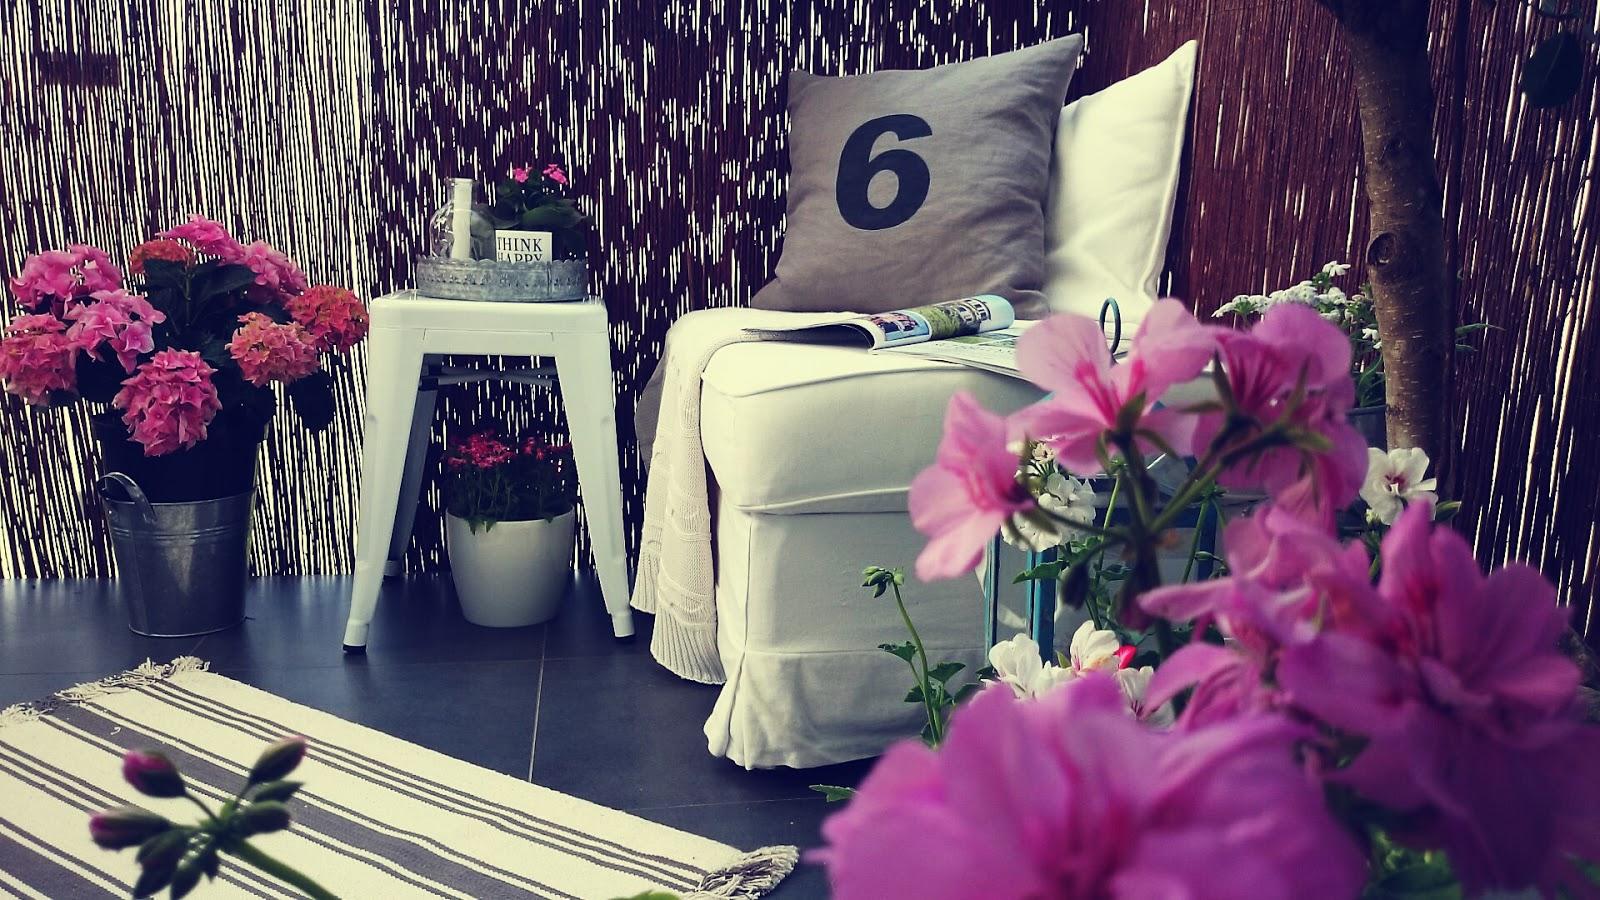 Metalowe dodatki na balkon, biały metalowy taboret, różowe hortensje na balkonie, kwiaty na balkon, aranżacja balkonu